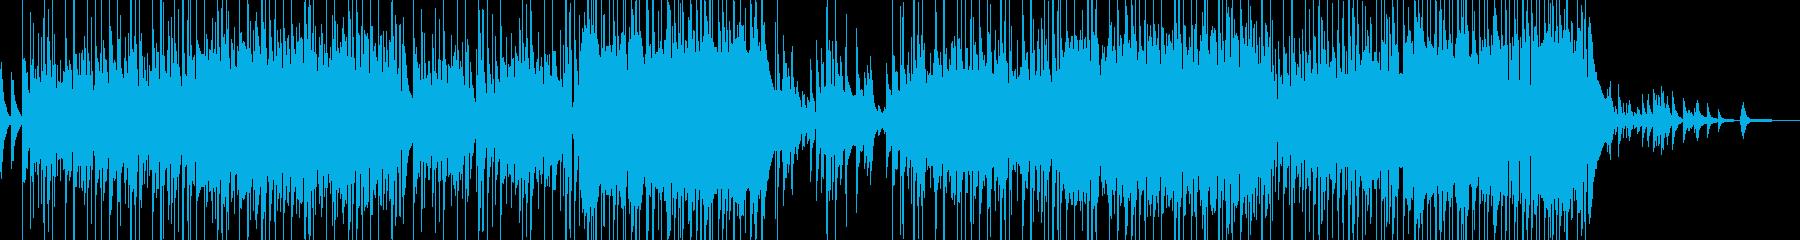 冬の暖かな青空をイメージした癒しポップスの再生済みの波形